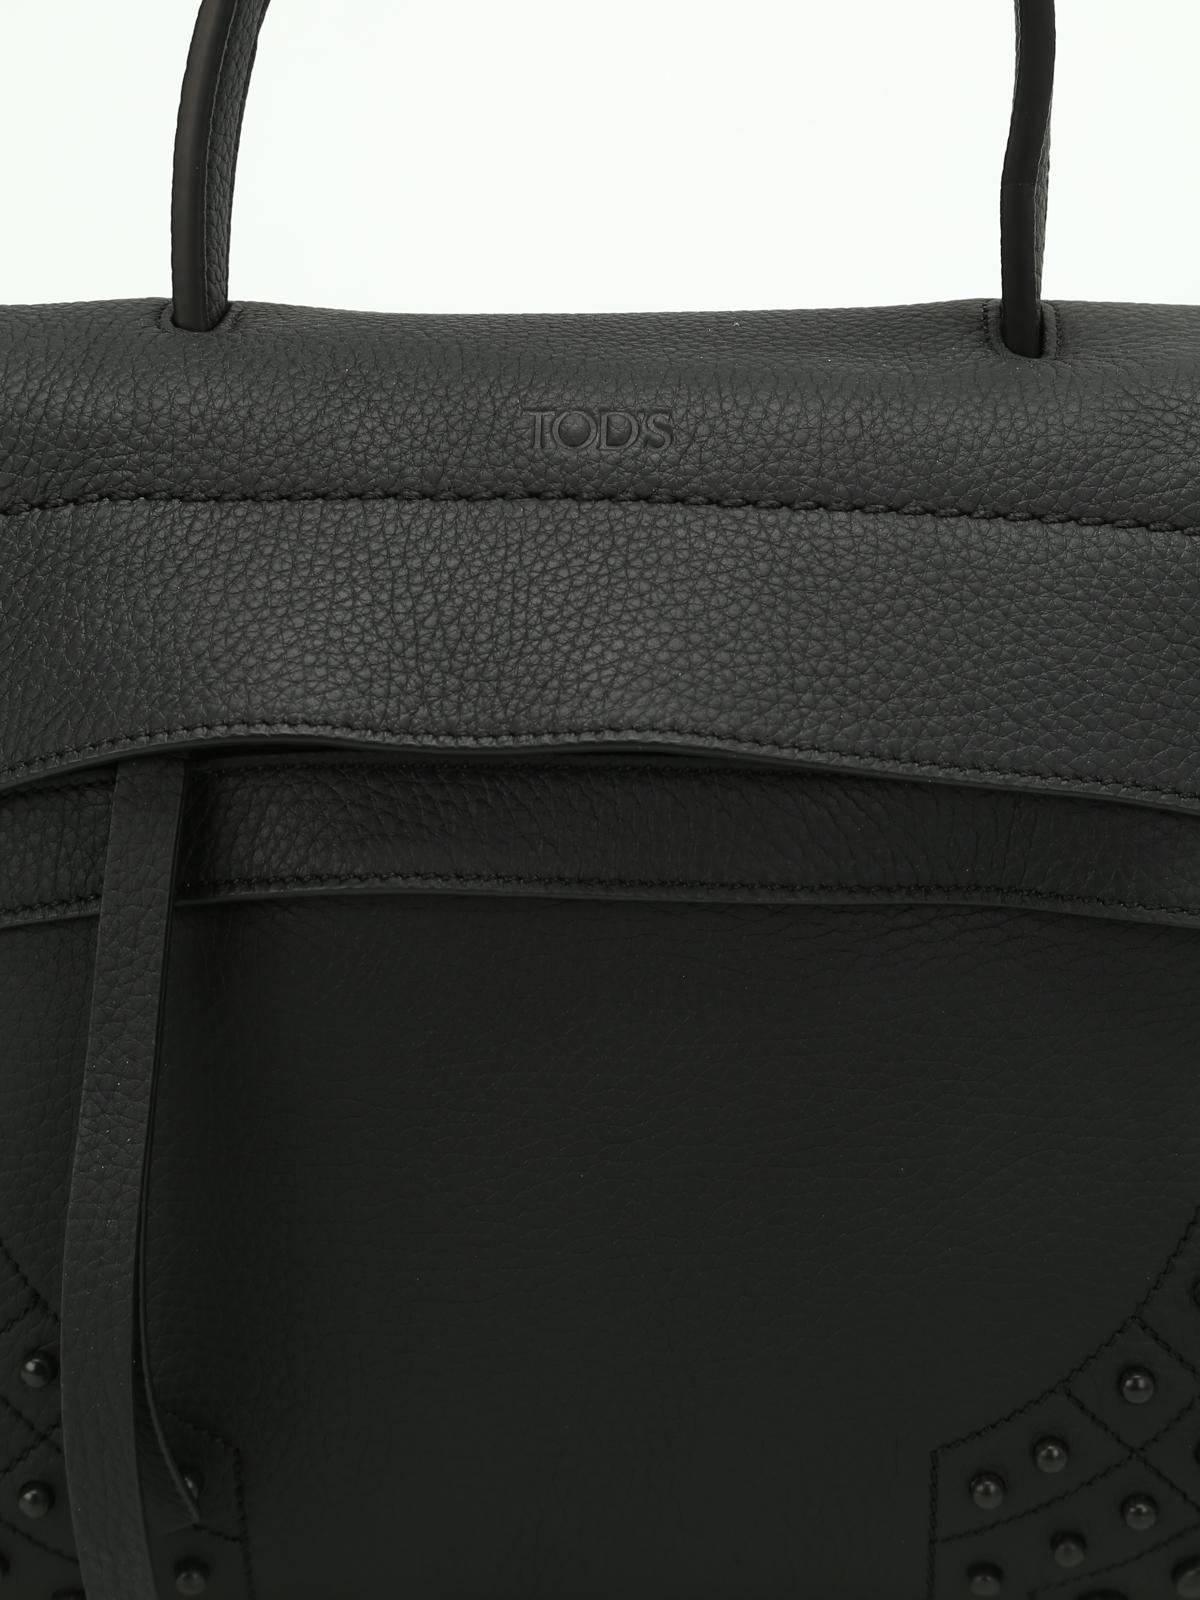 83377c71b97c Tod S - Wave leather mini shoulder bag - shoulder bags ...